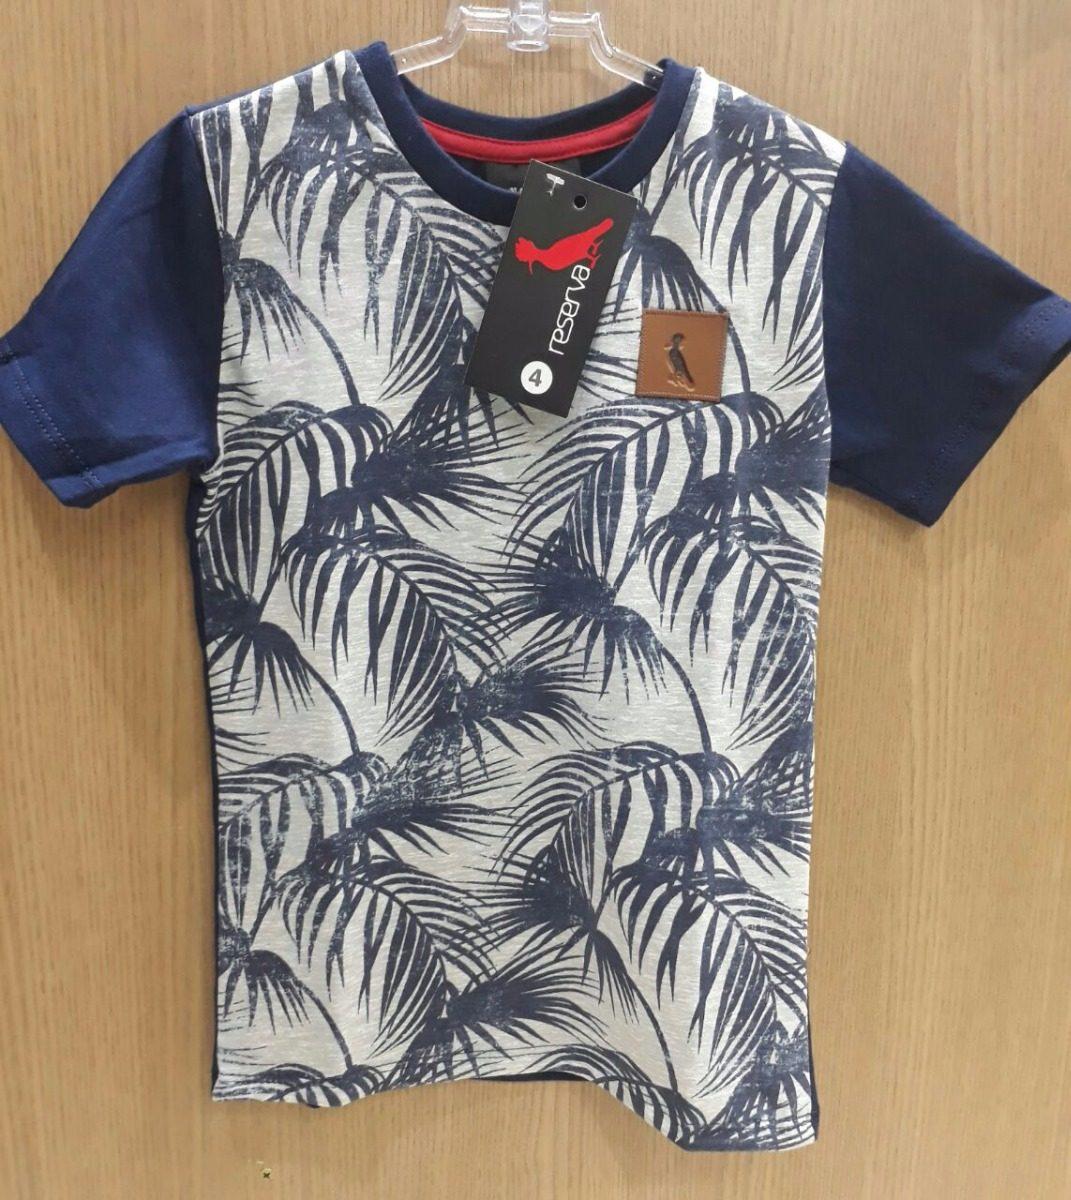 2854e68132 Kit C 5 Camiseta Camisa Infantil Floral Marca R.e.s.e.r.v.a - R  120 ...